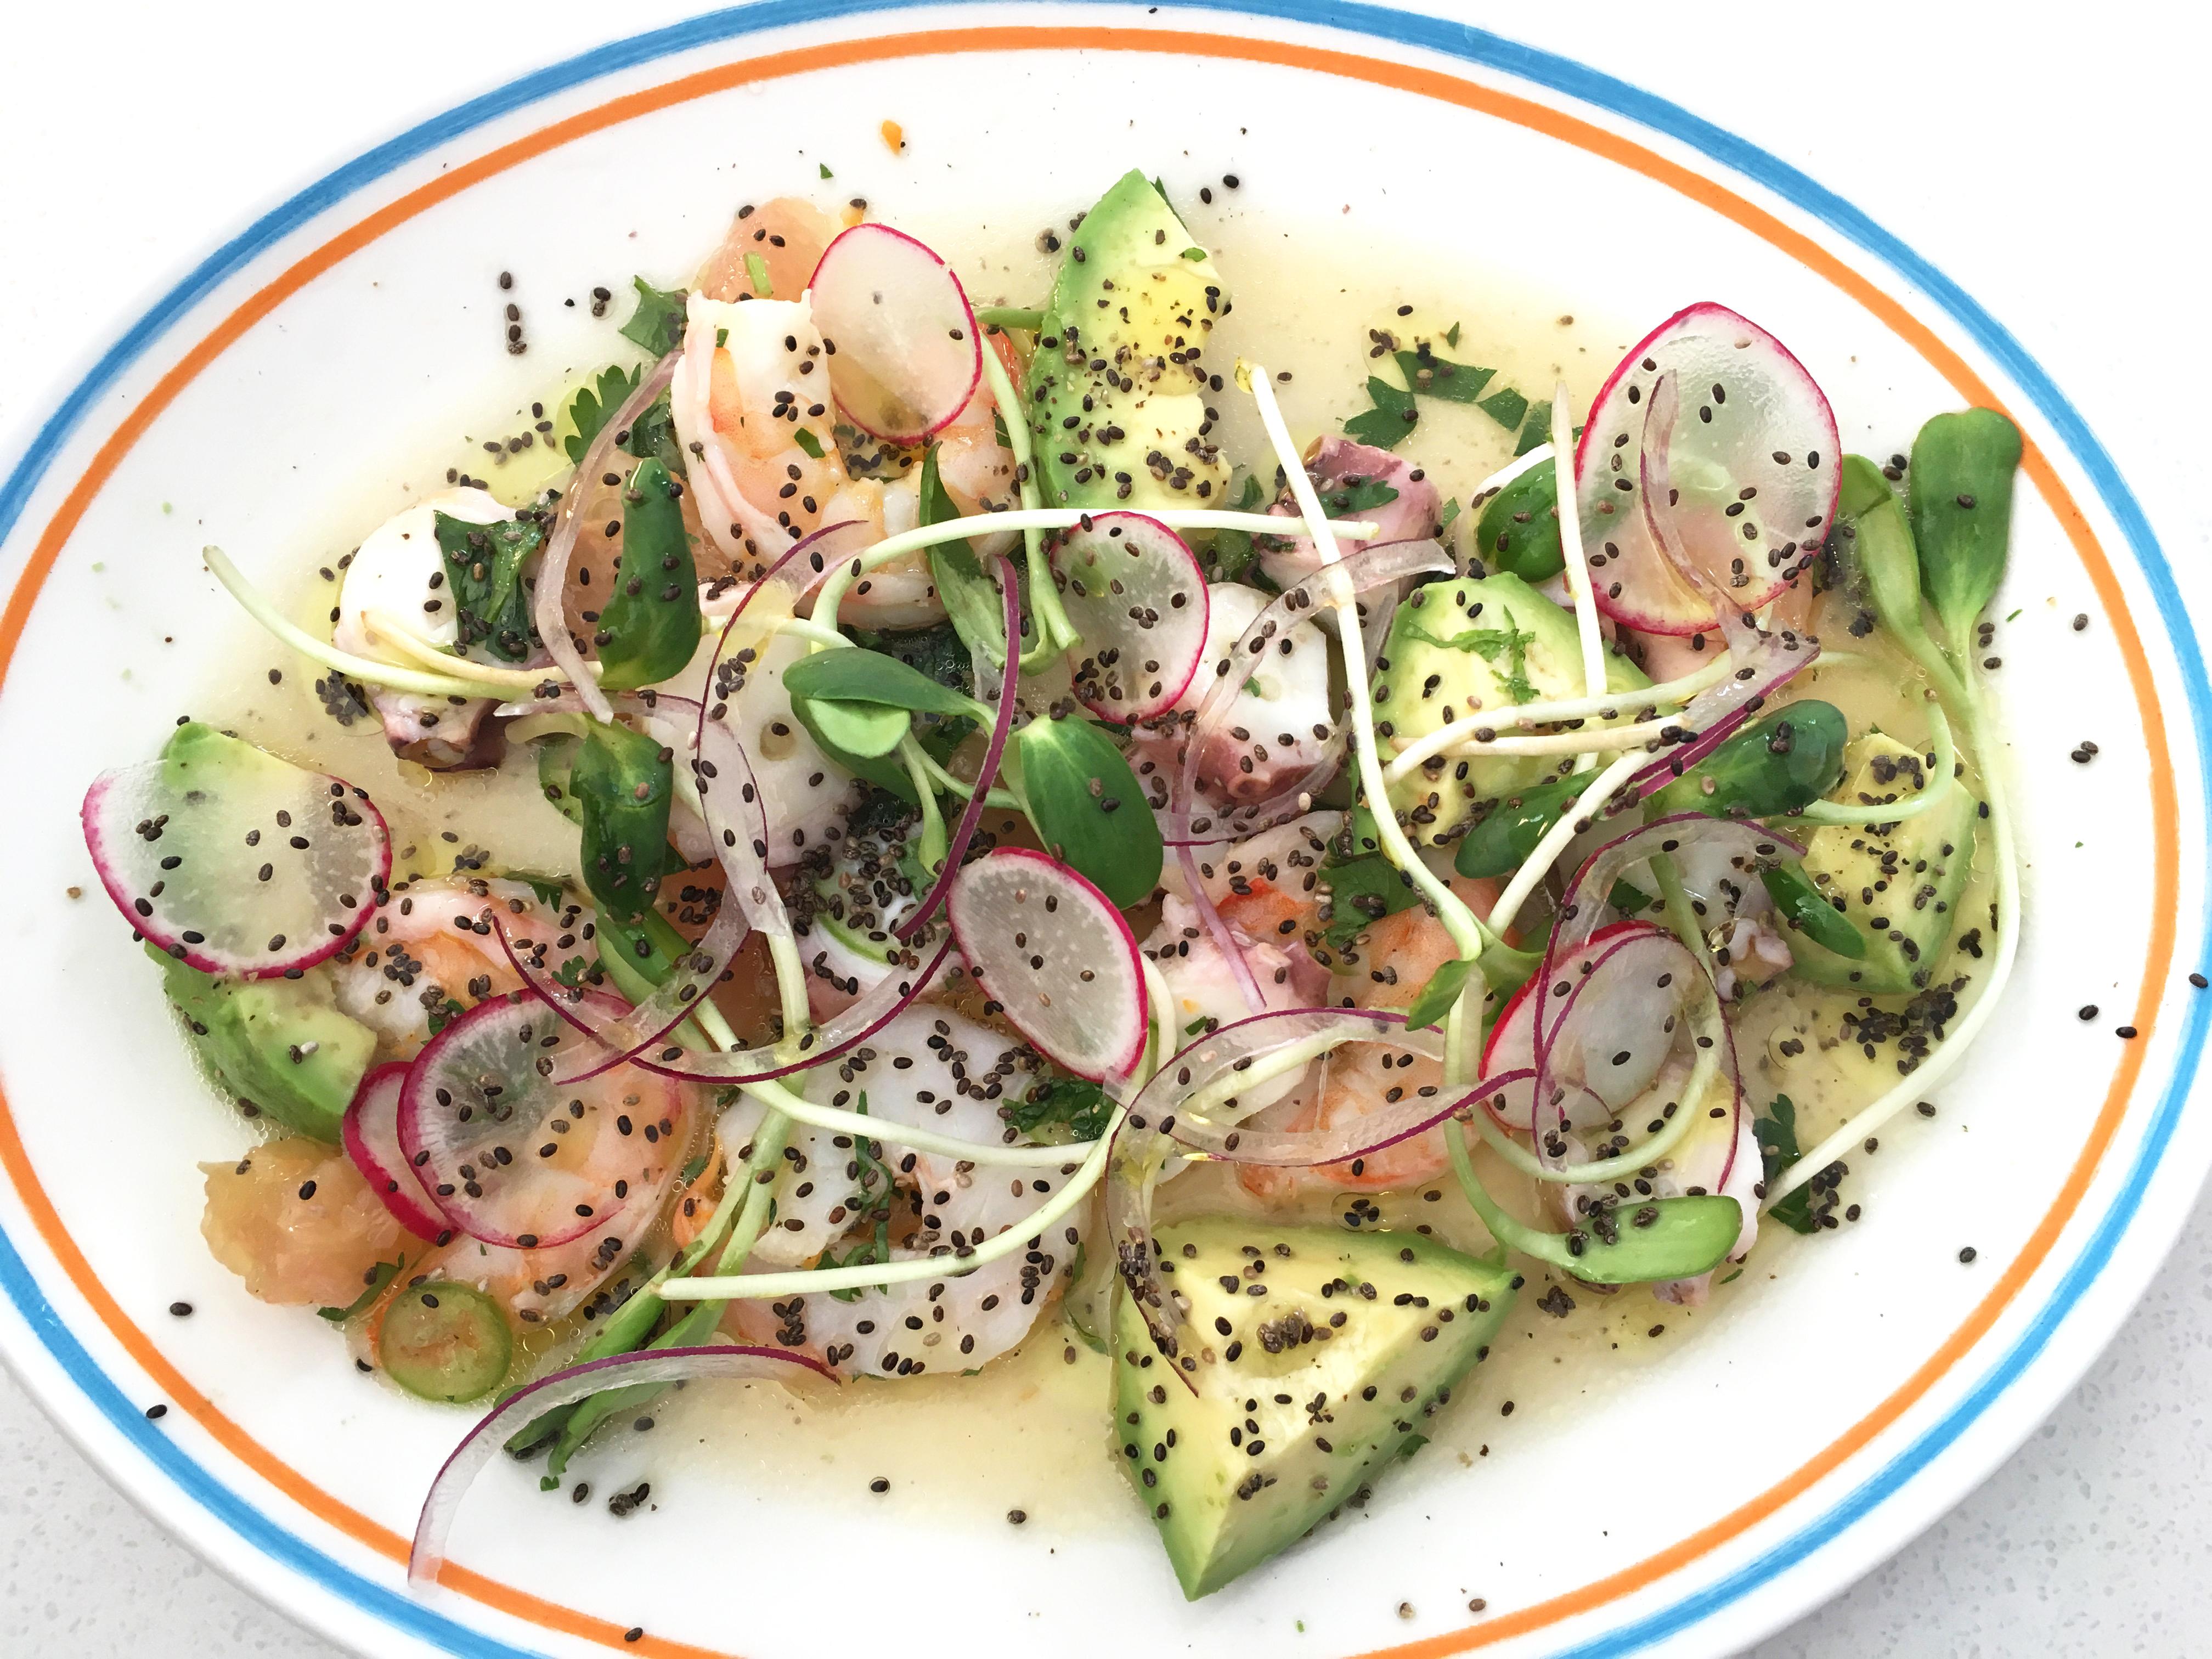 Joann's shrimp and octopus ceviche